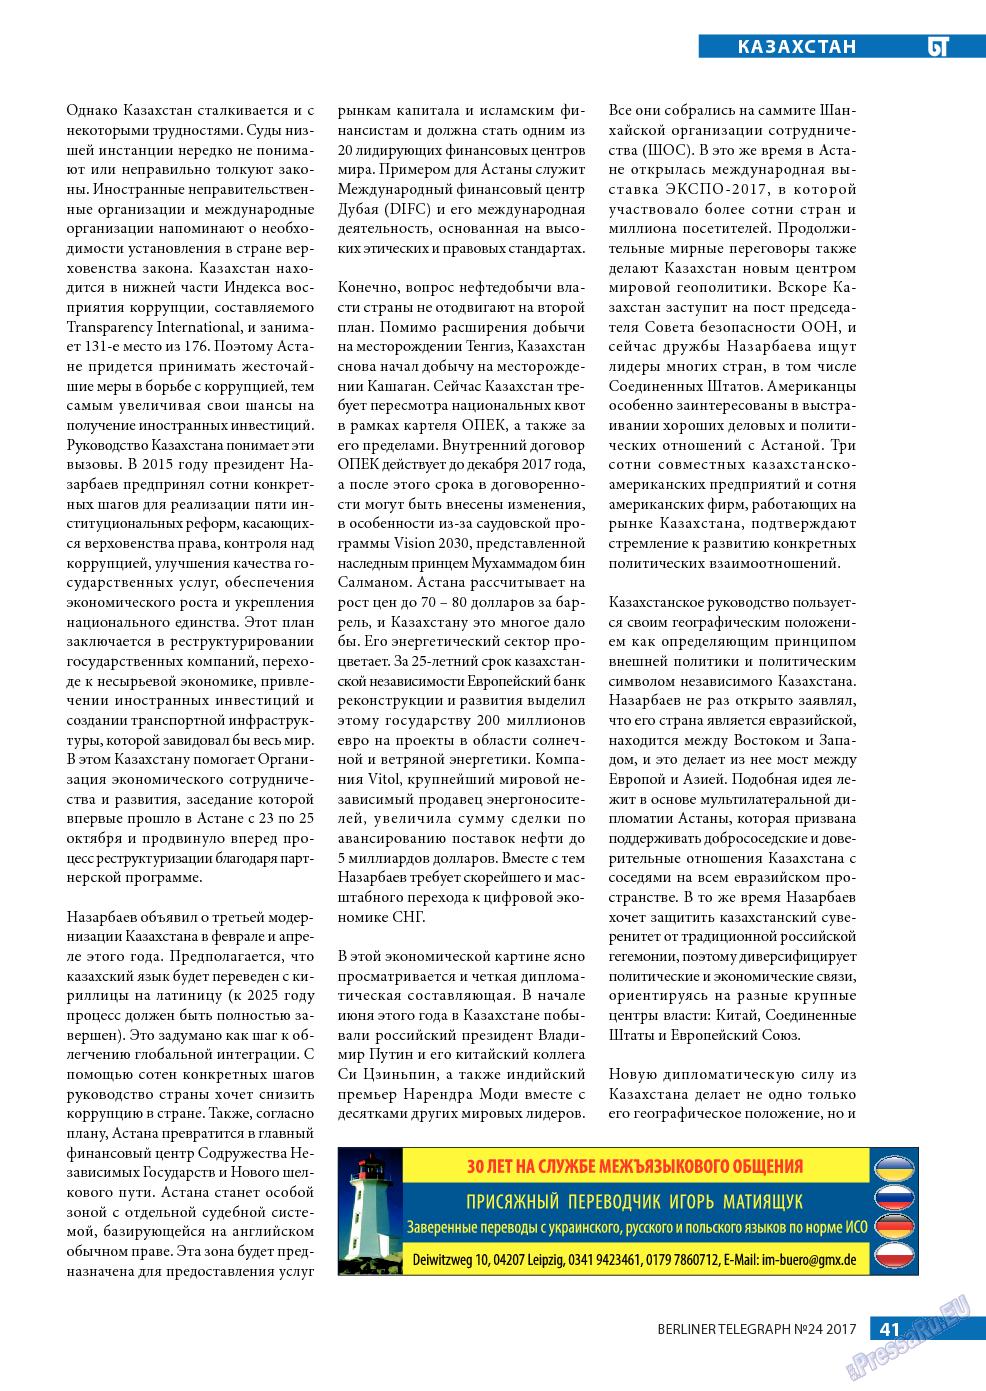 Берлинский телеграф (журнал). 2017 год, номер 25, стр. 41